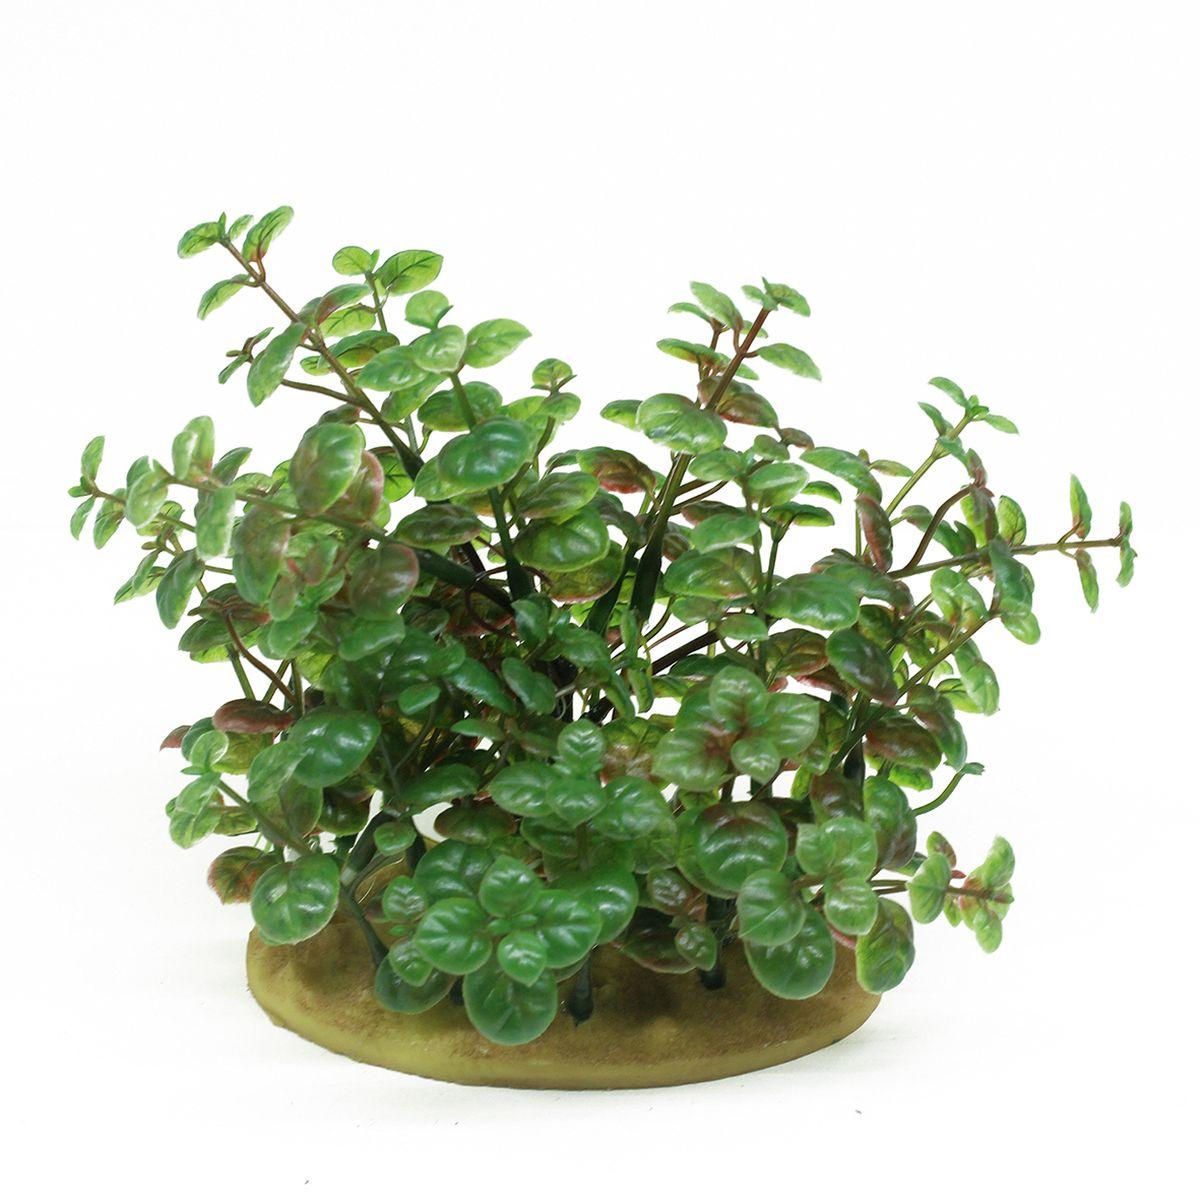 Растение для аквариума ArtUniq Кардамин, высота 15 см0120710Растение для аквариума ArtUniq Кардамин, высота 15 см